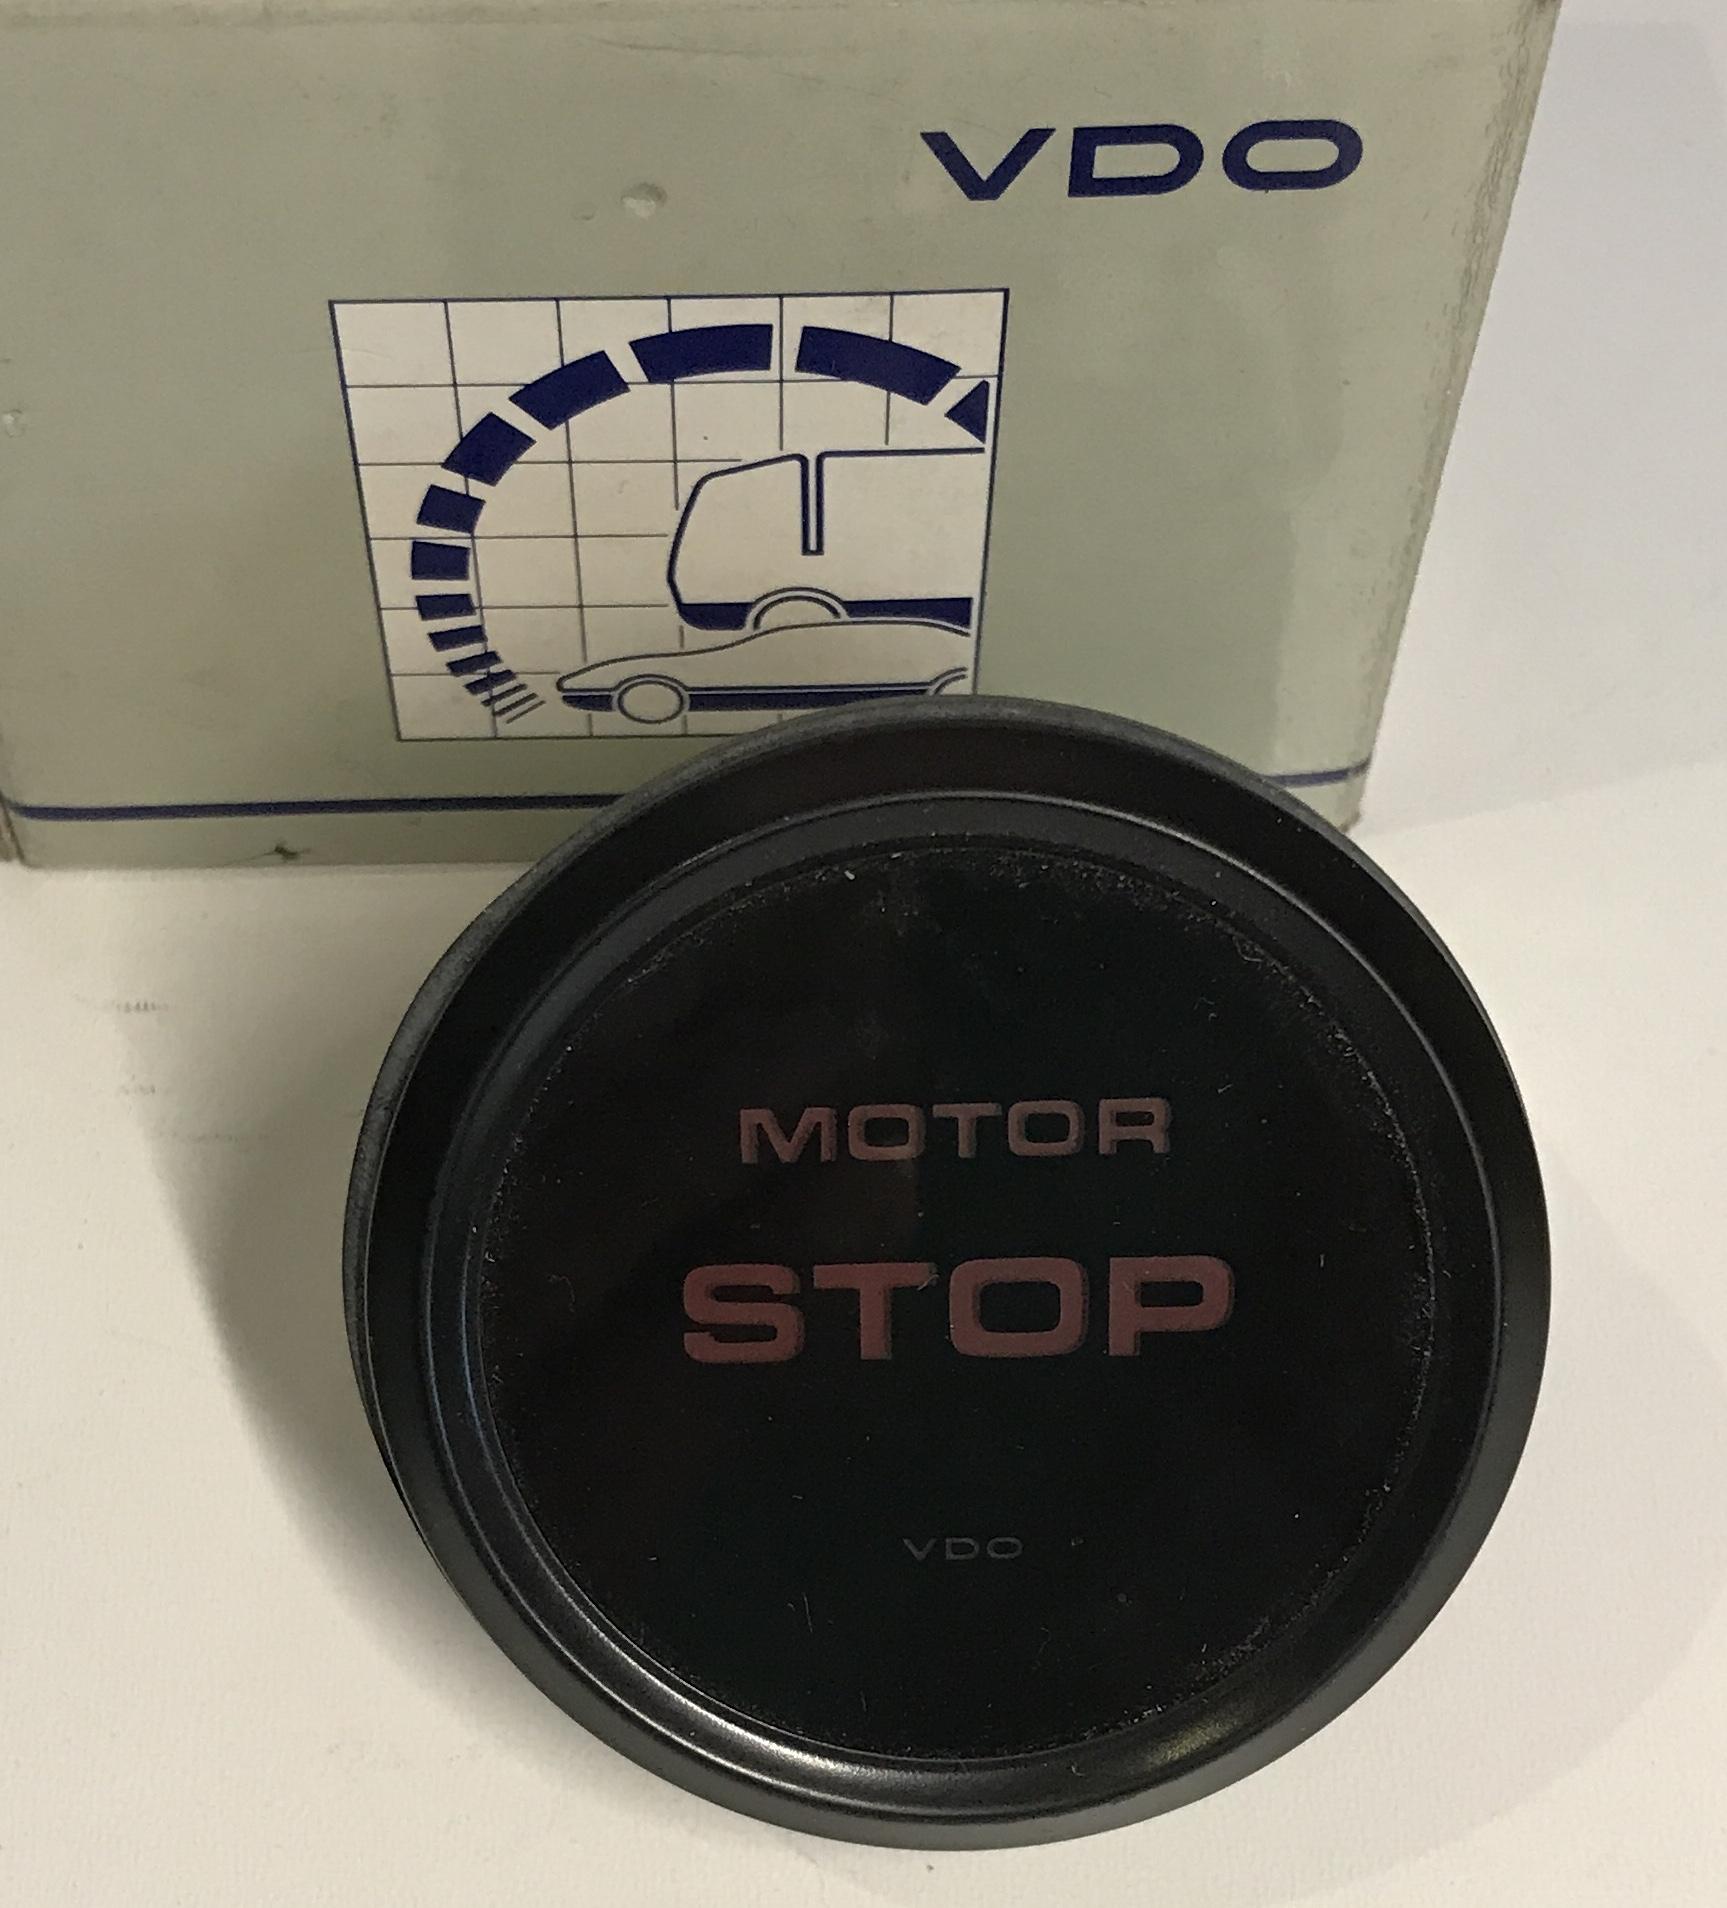 VDO 231.010/014/019 Kontroll-Leuchte control lamp  lampe de supervision